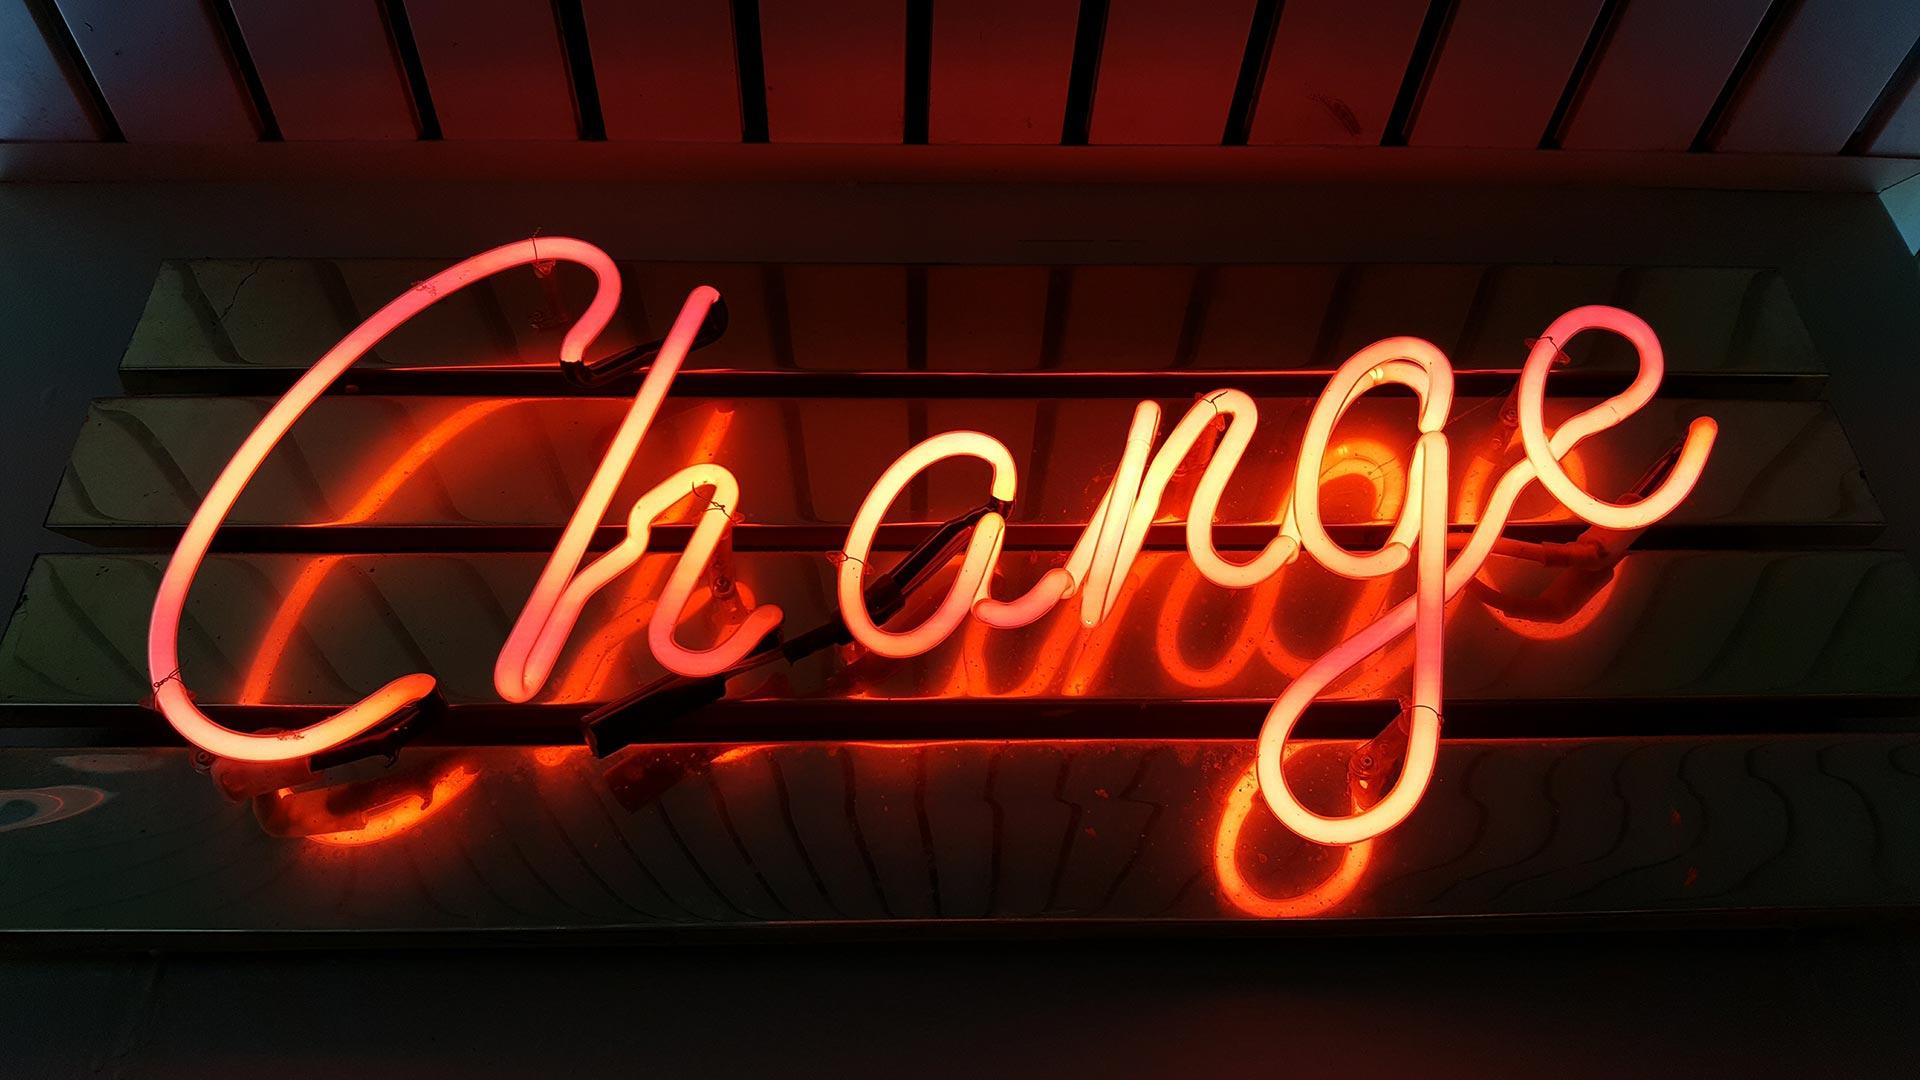 La consapevolezza che porta al cambiamento